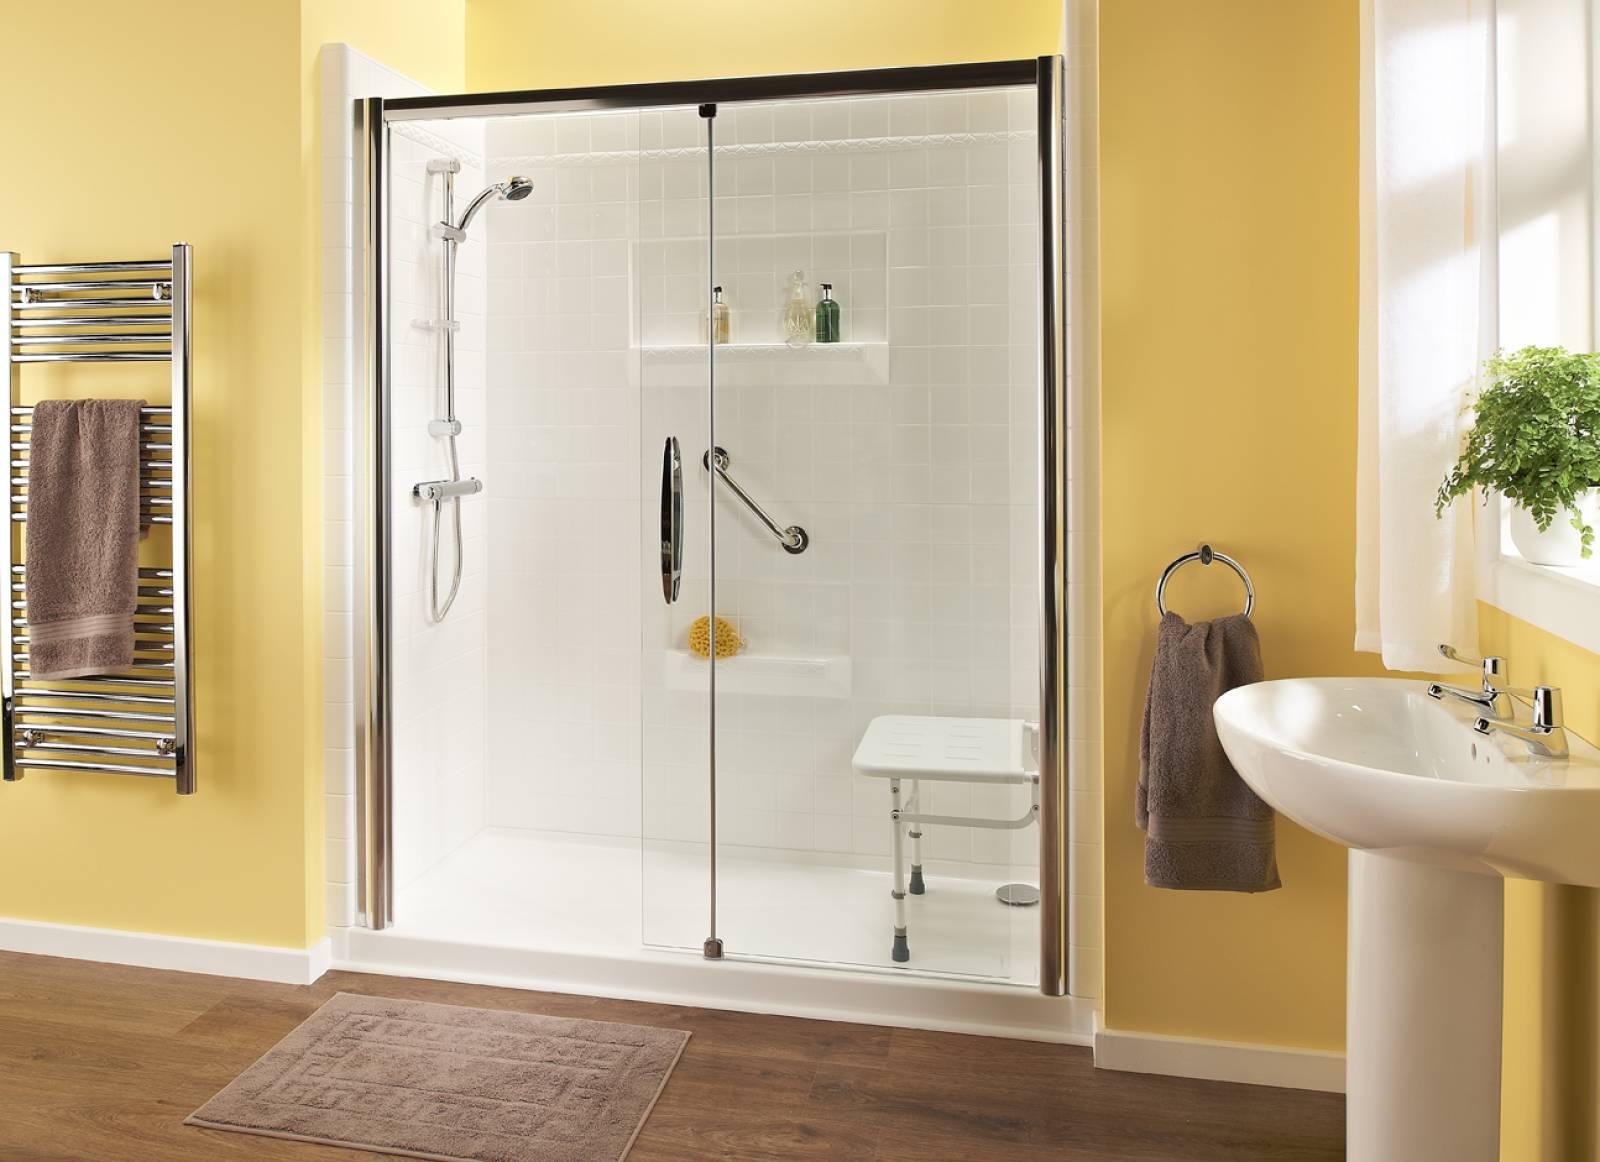 Remplacement de baignoire par douche senior et pour personne agée